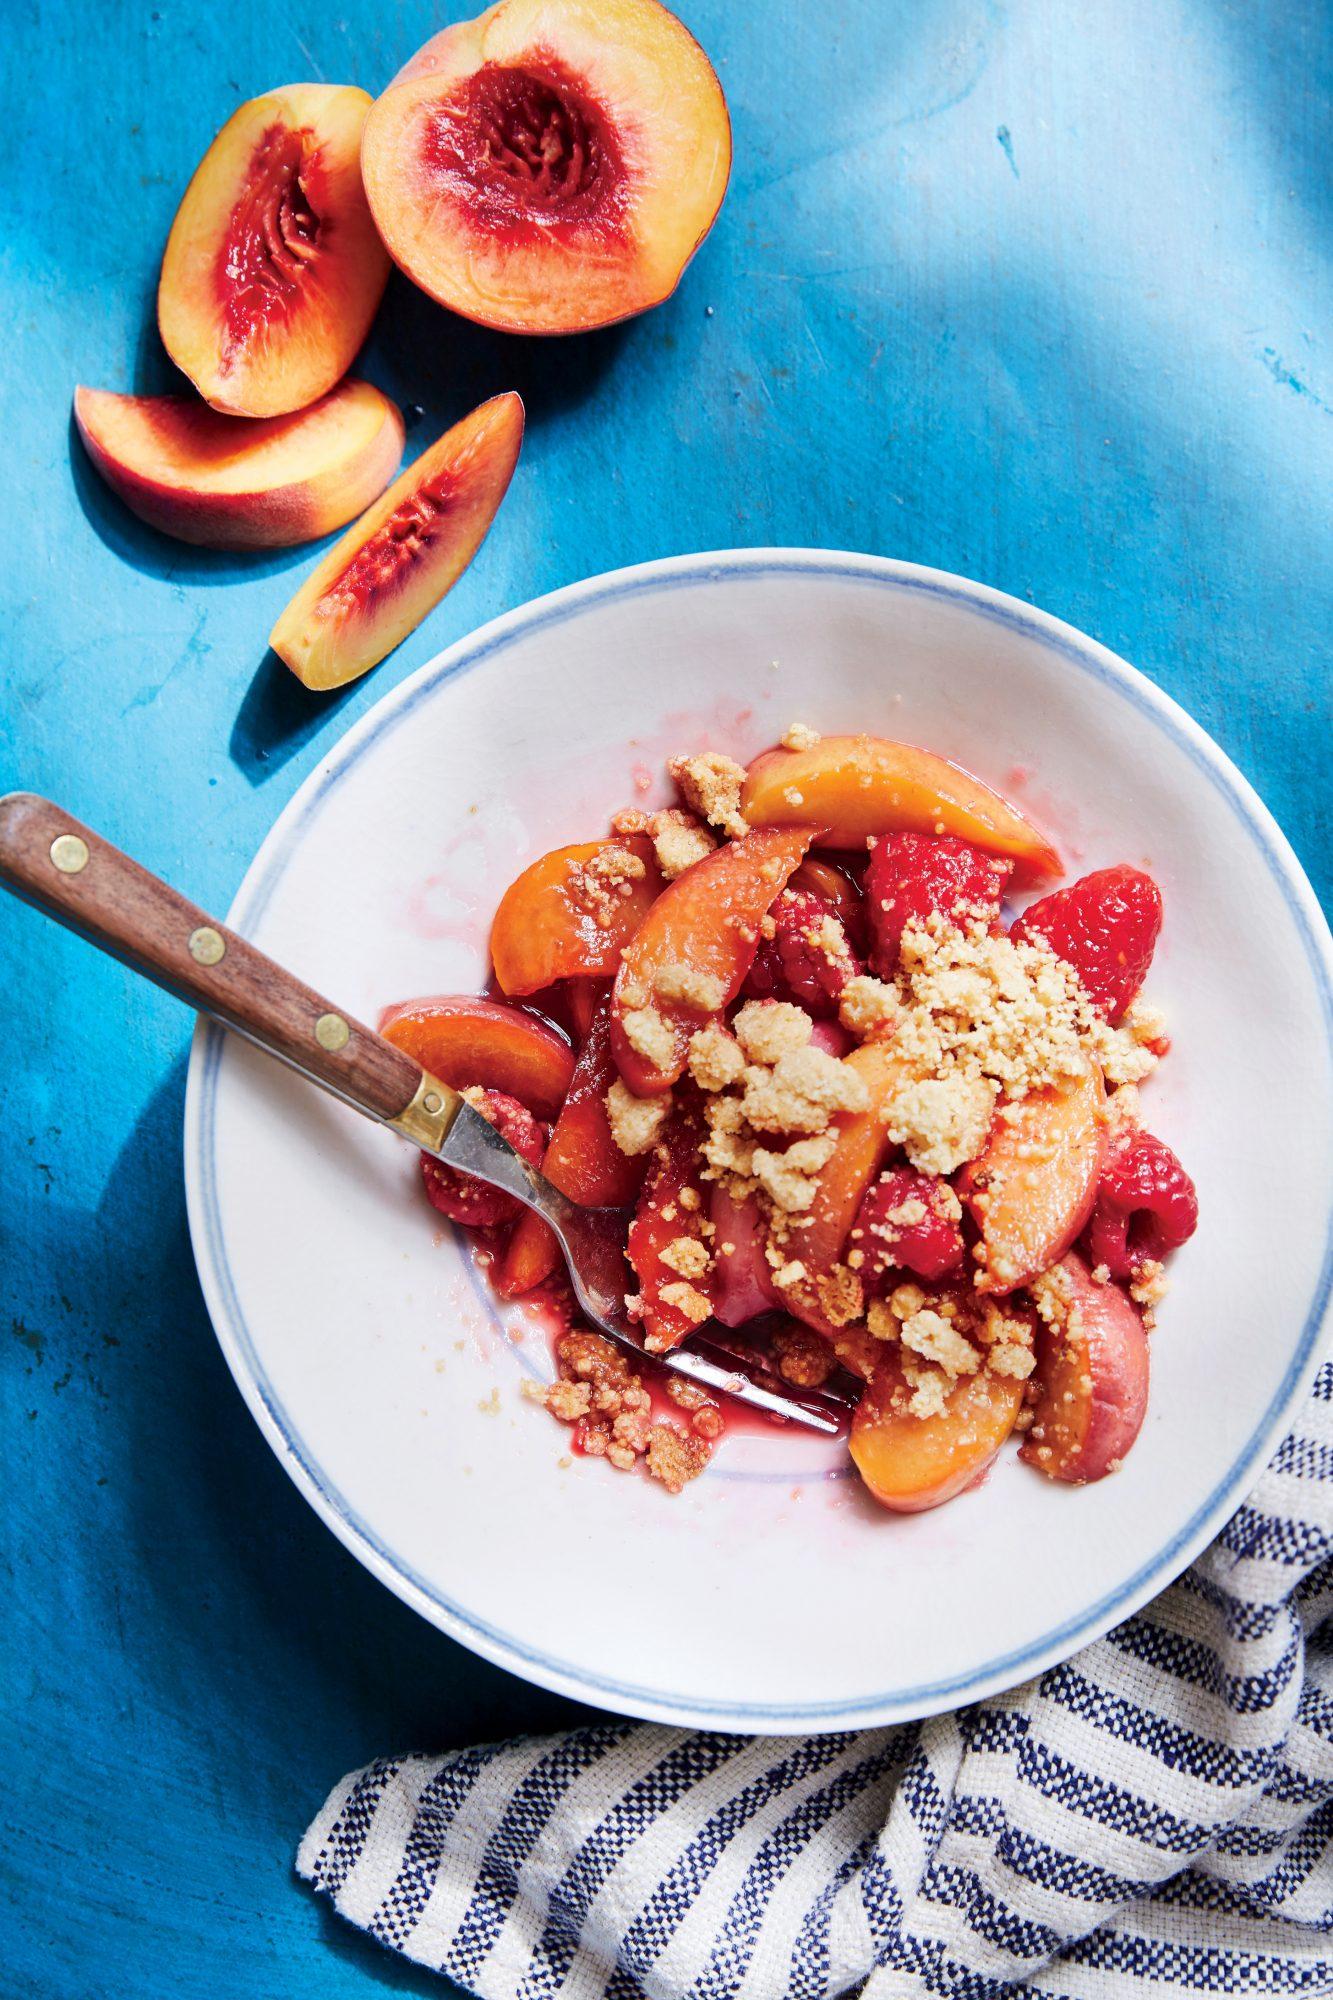 Nectarine and Berry Crumble